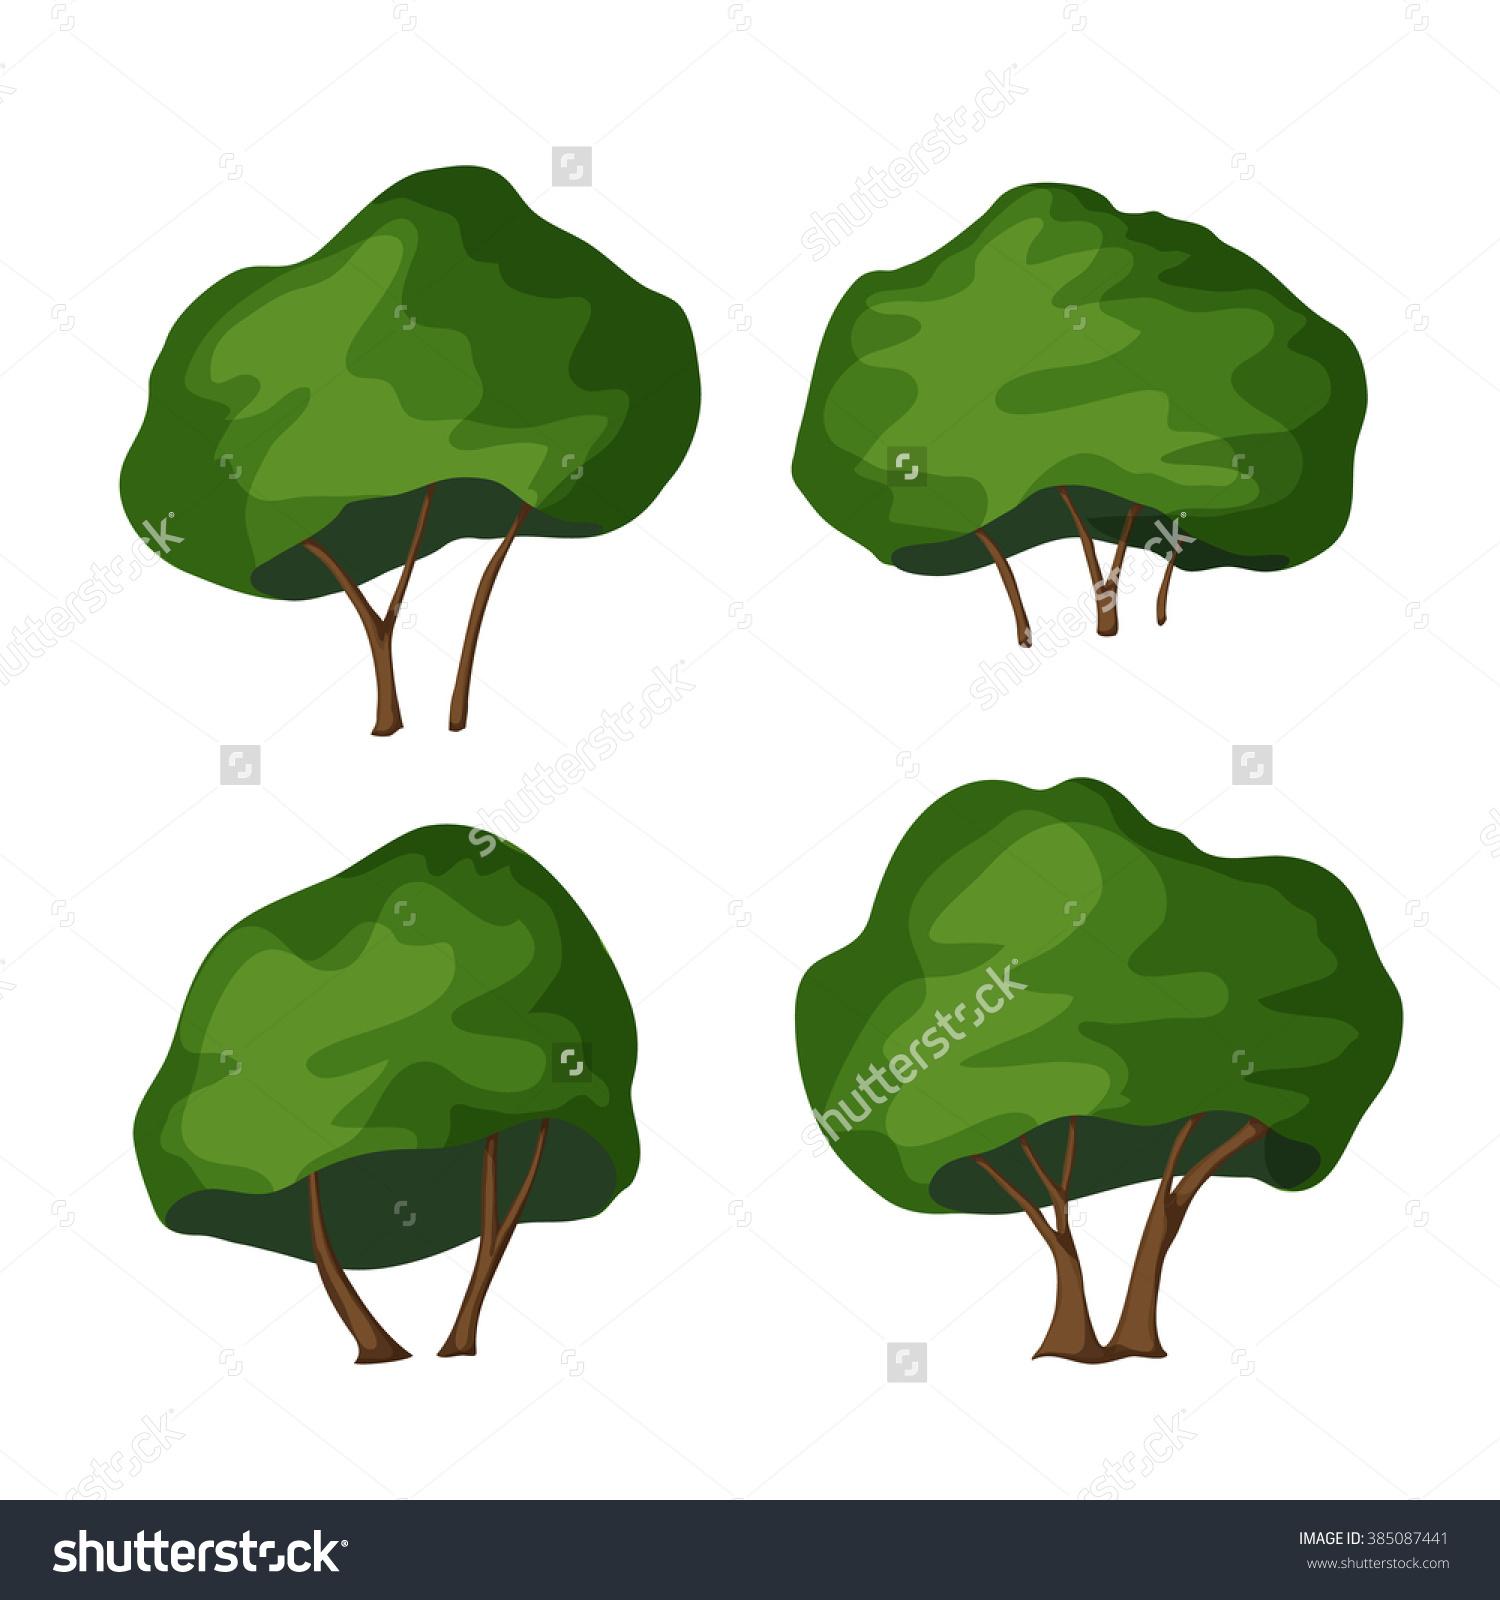 Oak Tree. Oak Tree Vector Illustration. Cartoon Oak. Landscaping.